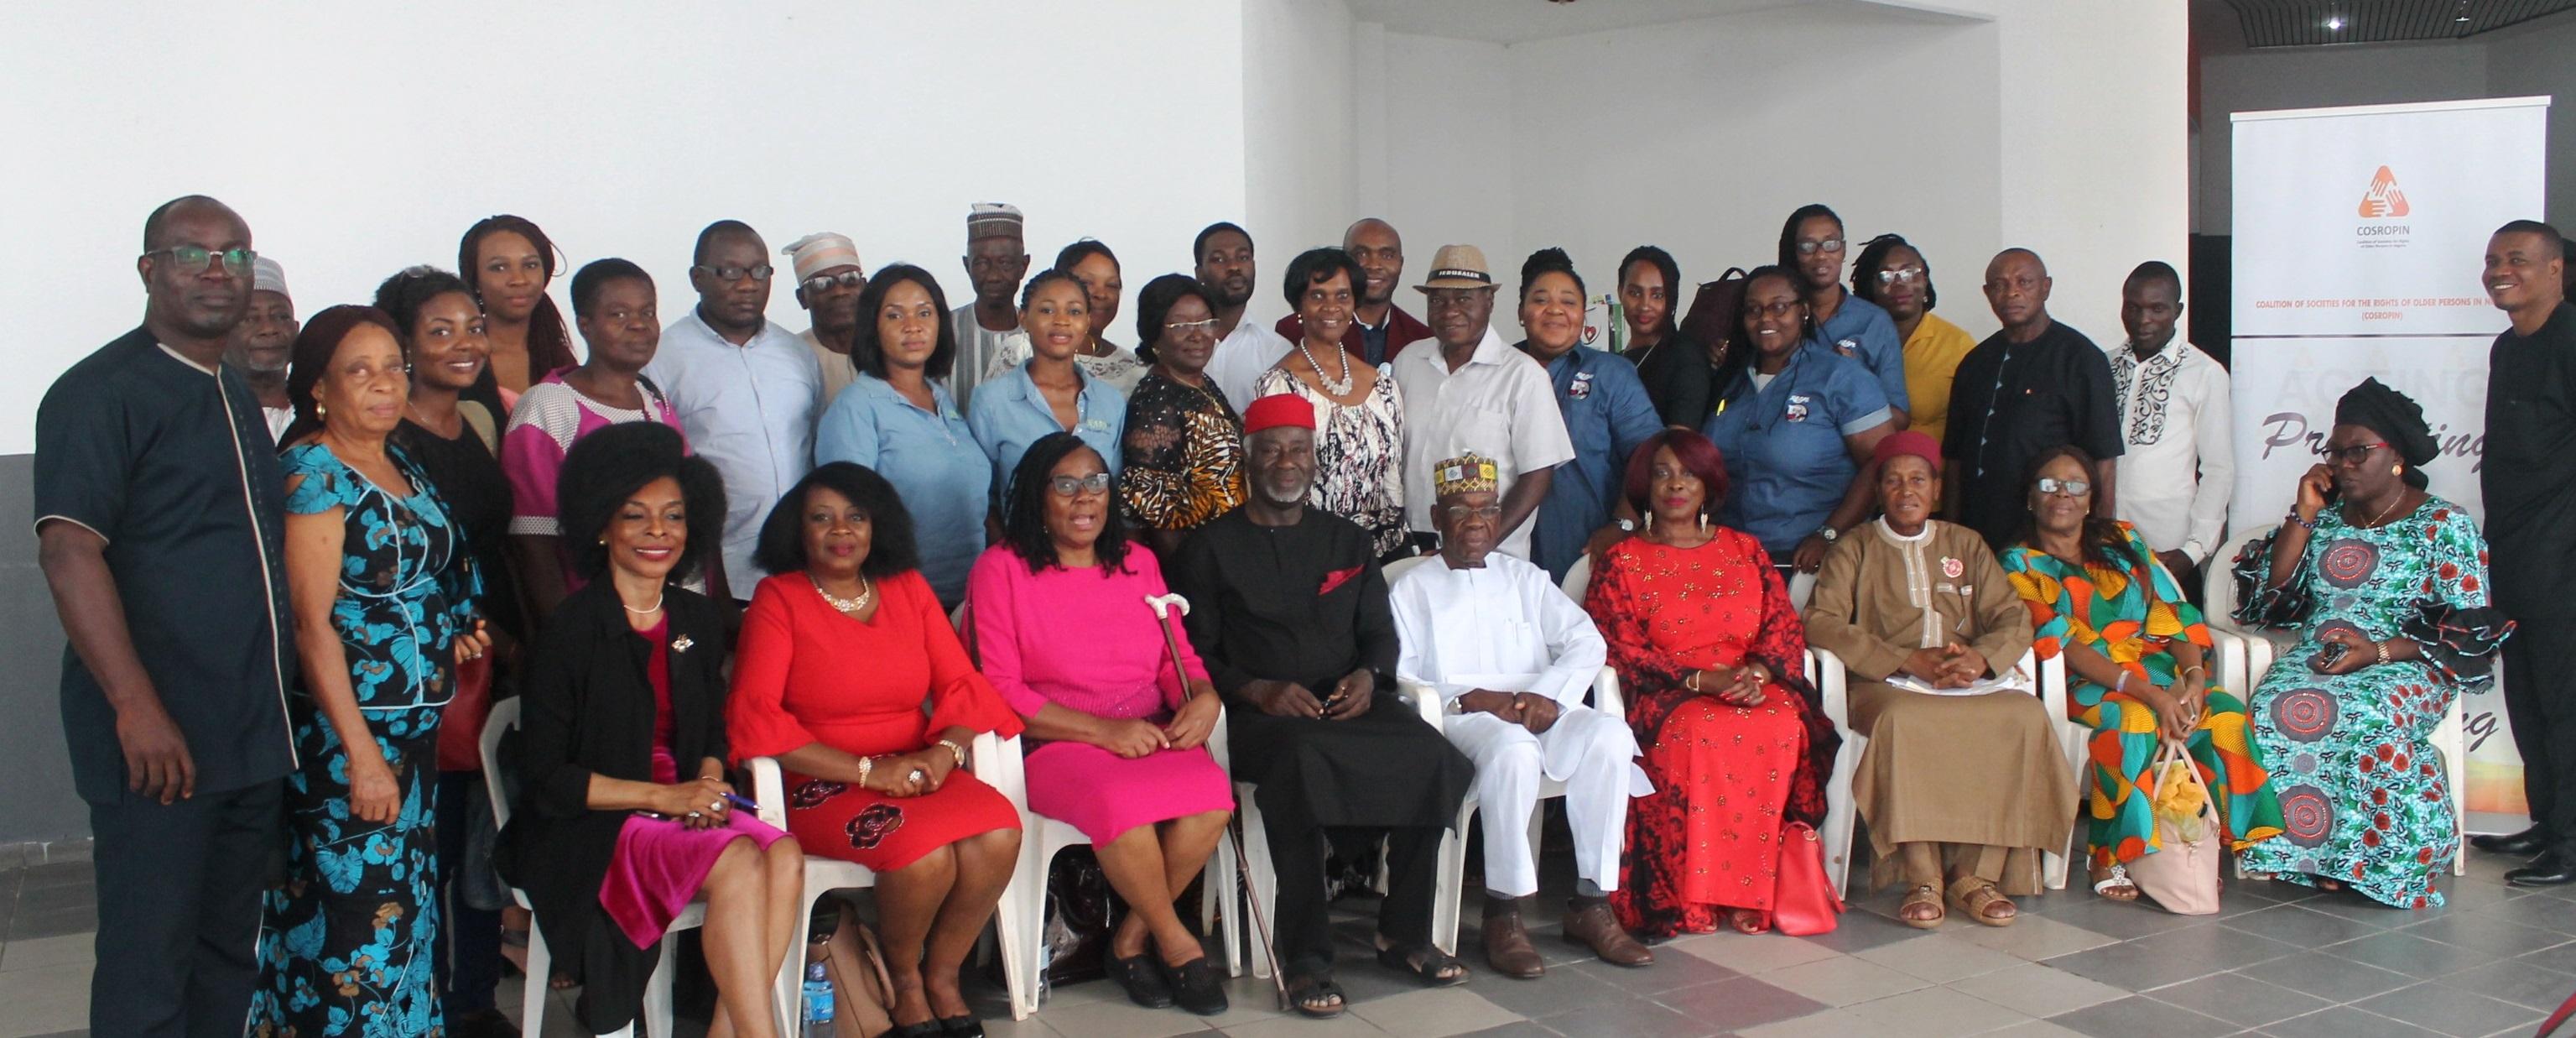 La Coalition des sociétés pour les droits des personnes âgées au Nigéria (COSROPIN) a félicité vendredi Wema bank plc pour avoir dédié un caissier dans sa salle bancaire aux personnes les plus vulnérables de la société. La succursale de la banque sur le chemin de l'Amirauté, Lekki phase 1, Lagos, avait dédié un guichetier dans […]